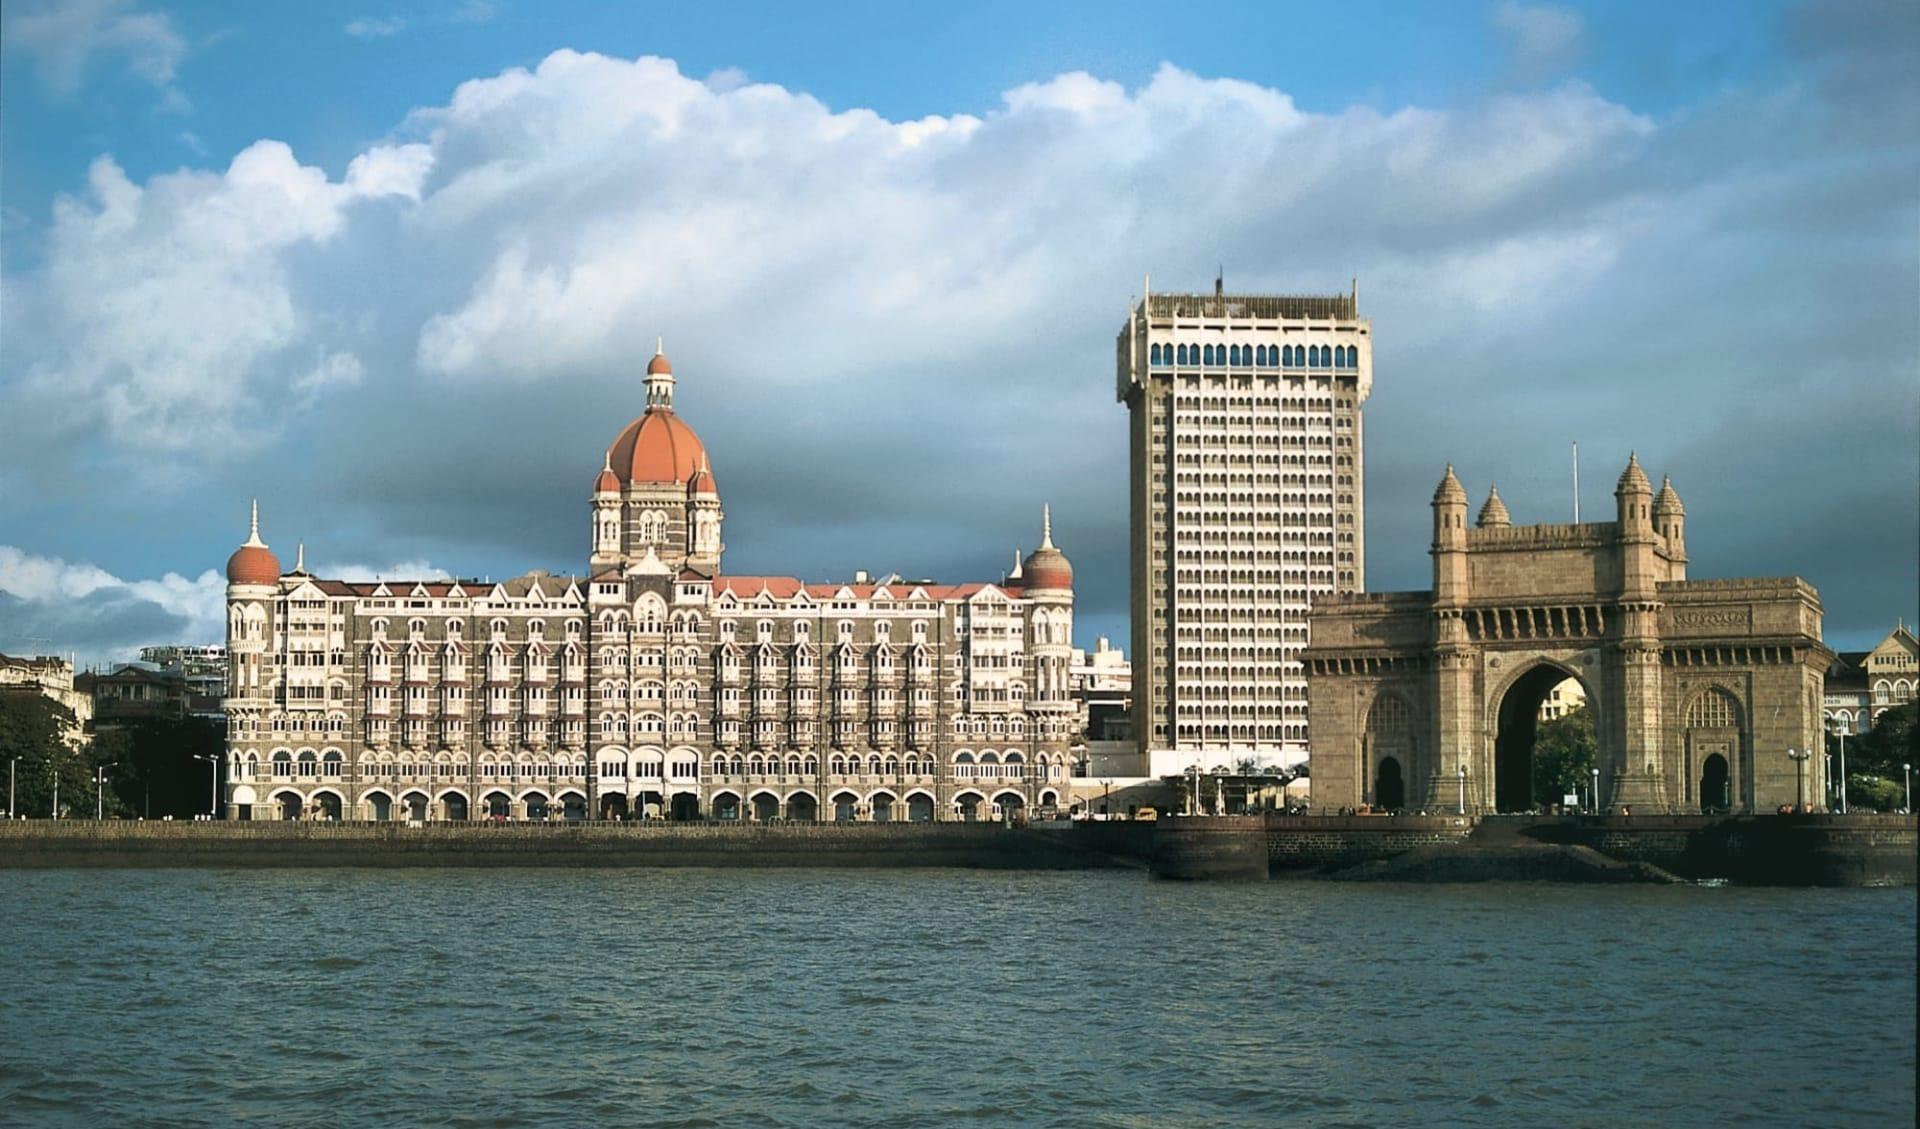 The Taj Mahal Palace in Mumbai: Mumbai Taj Mahal Palace with Gateway of India